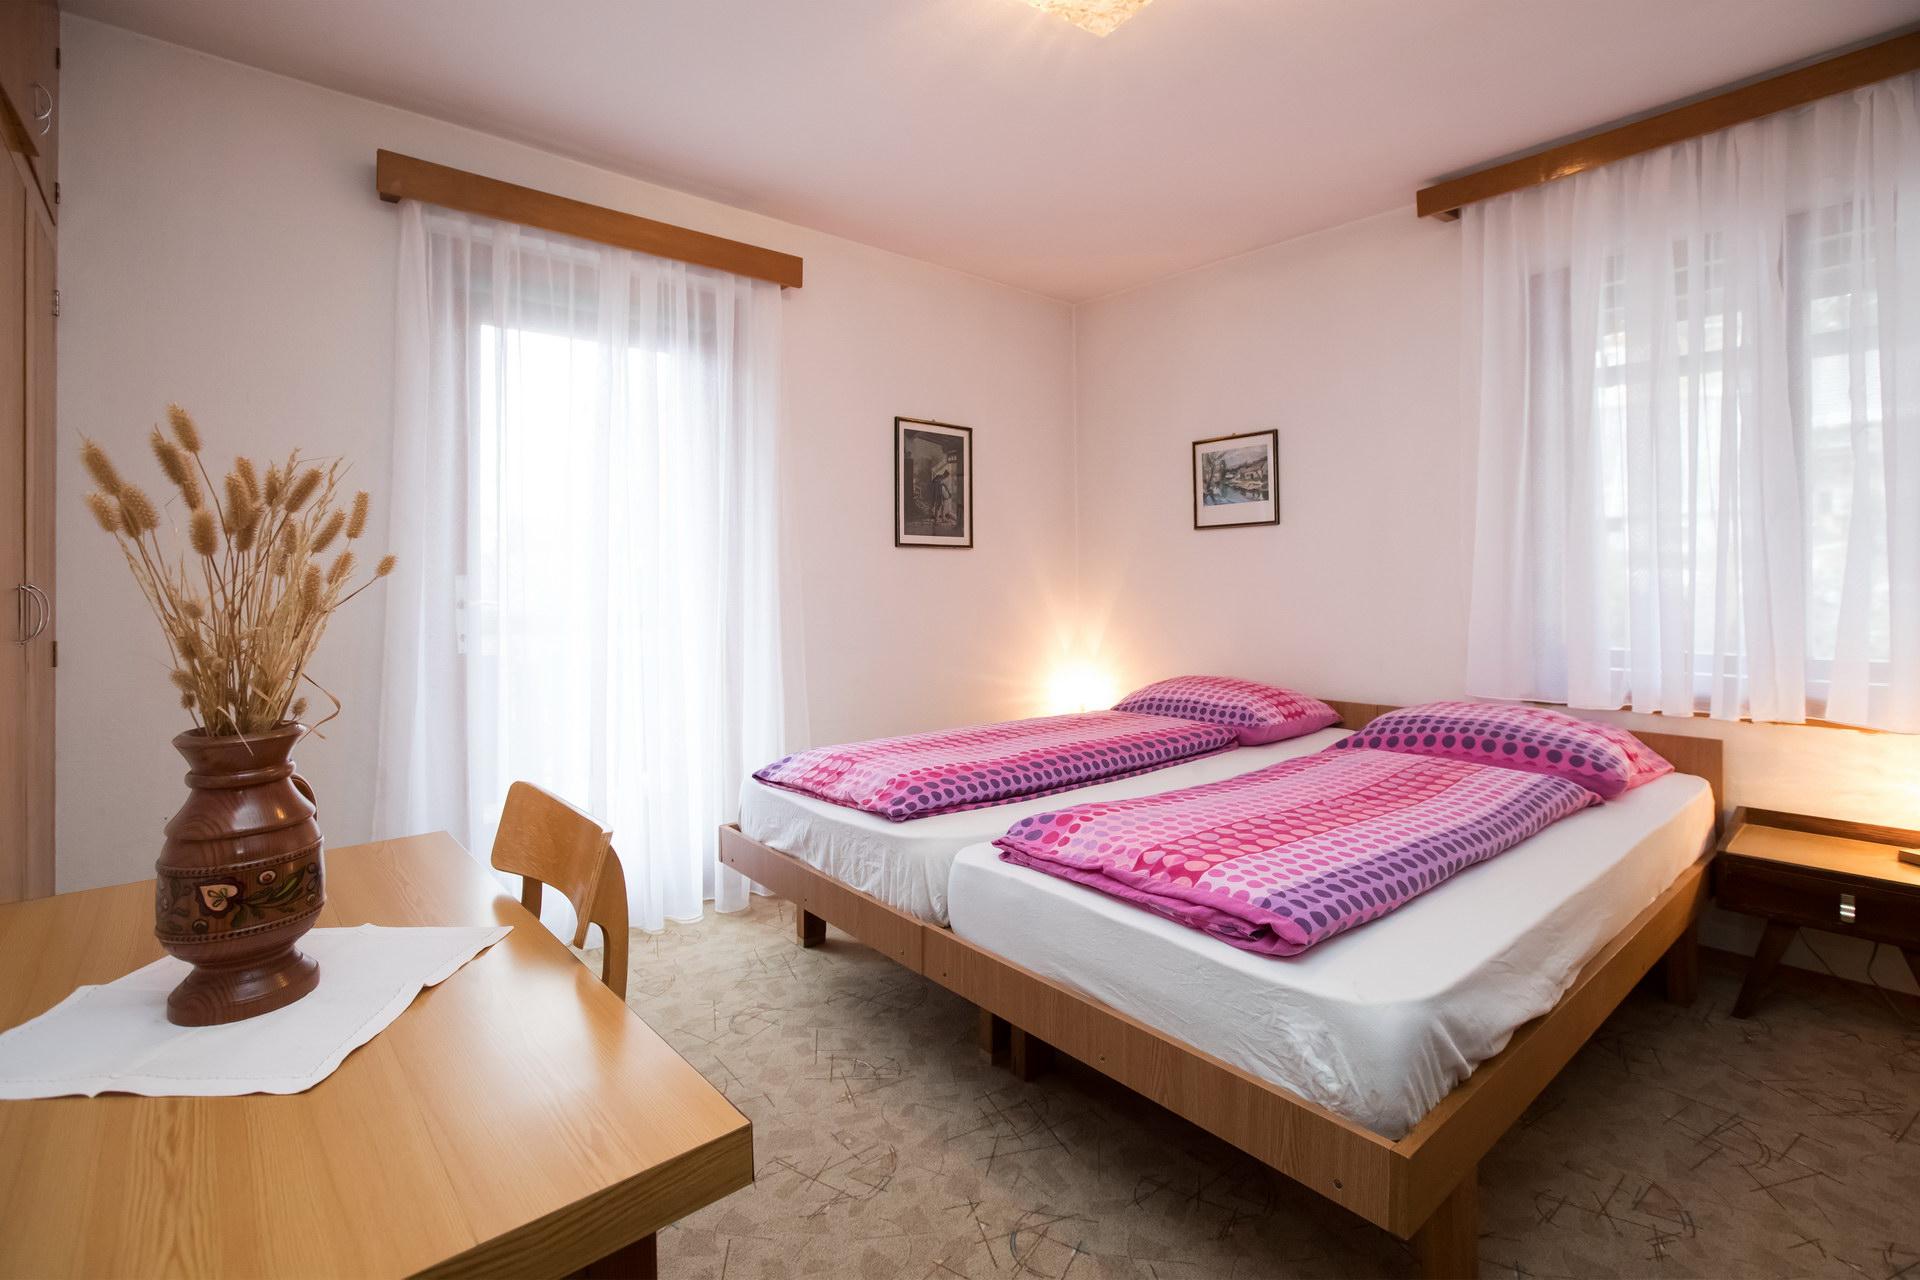 Zasebne sobe in apartma Andrej Odar